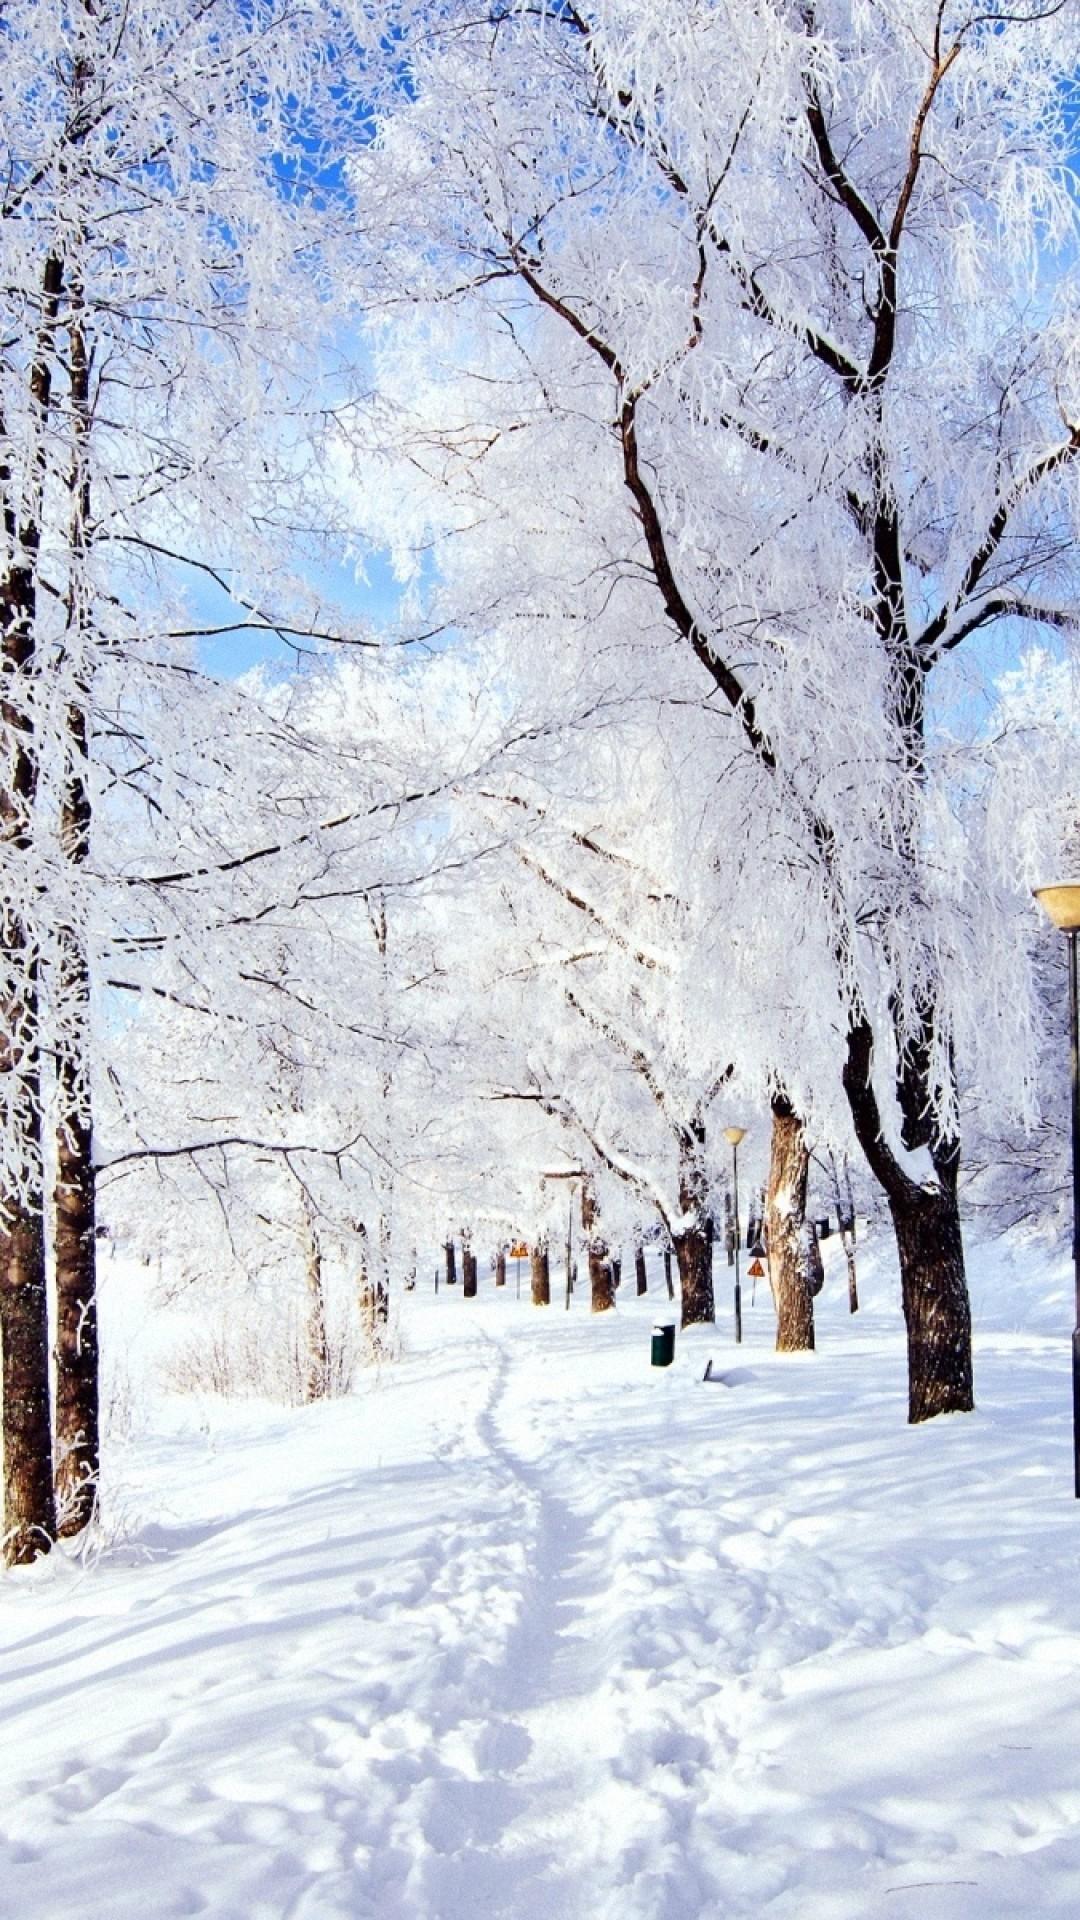 … free download winter wallpapers for iphone pixelstalk net …